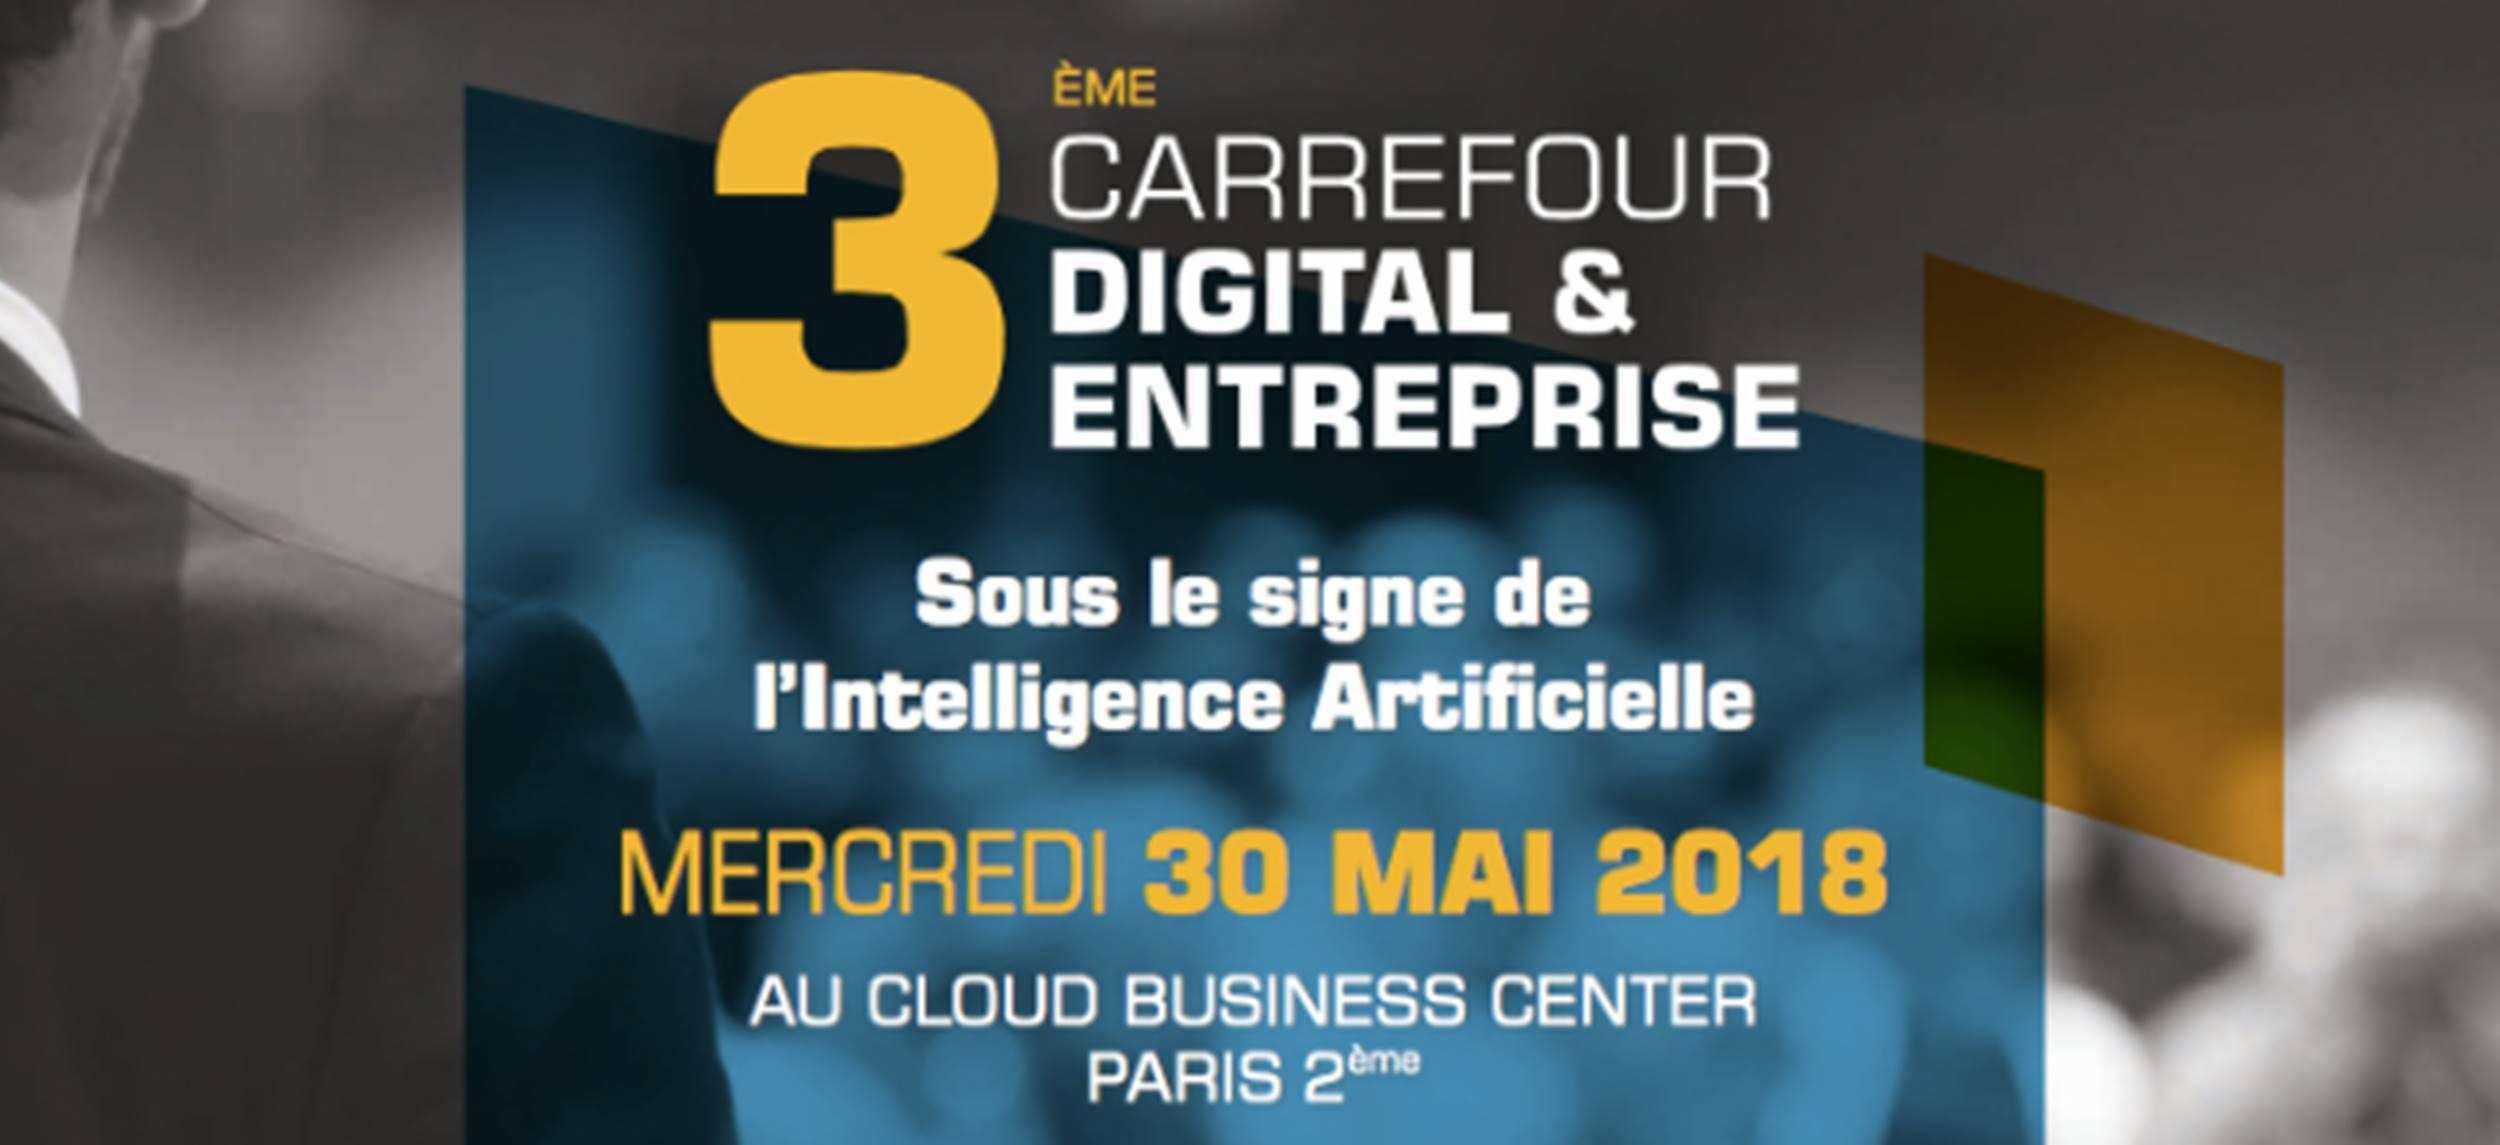 Carrefour Digital & Entreprise